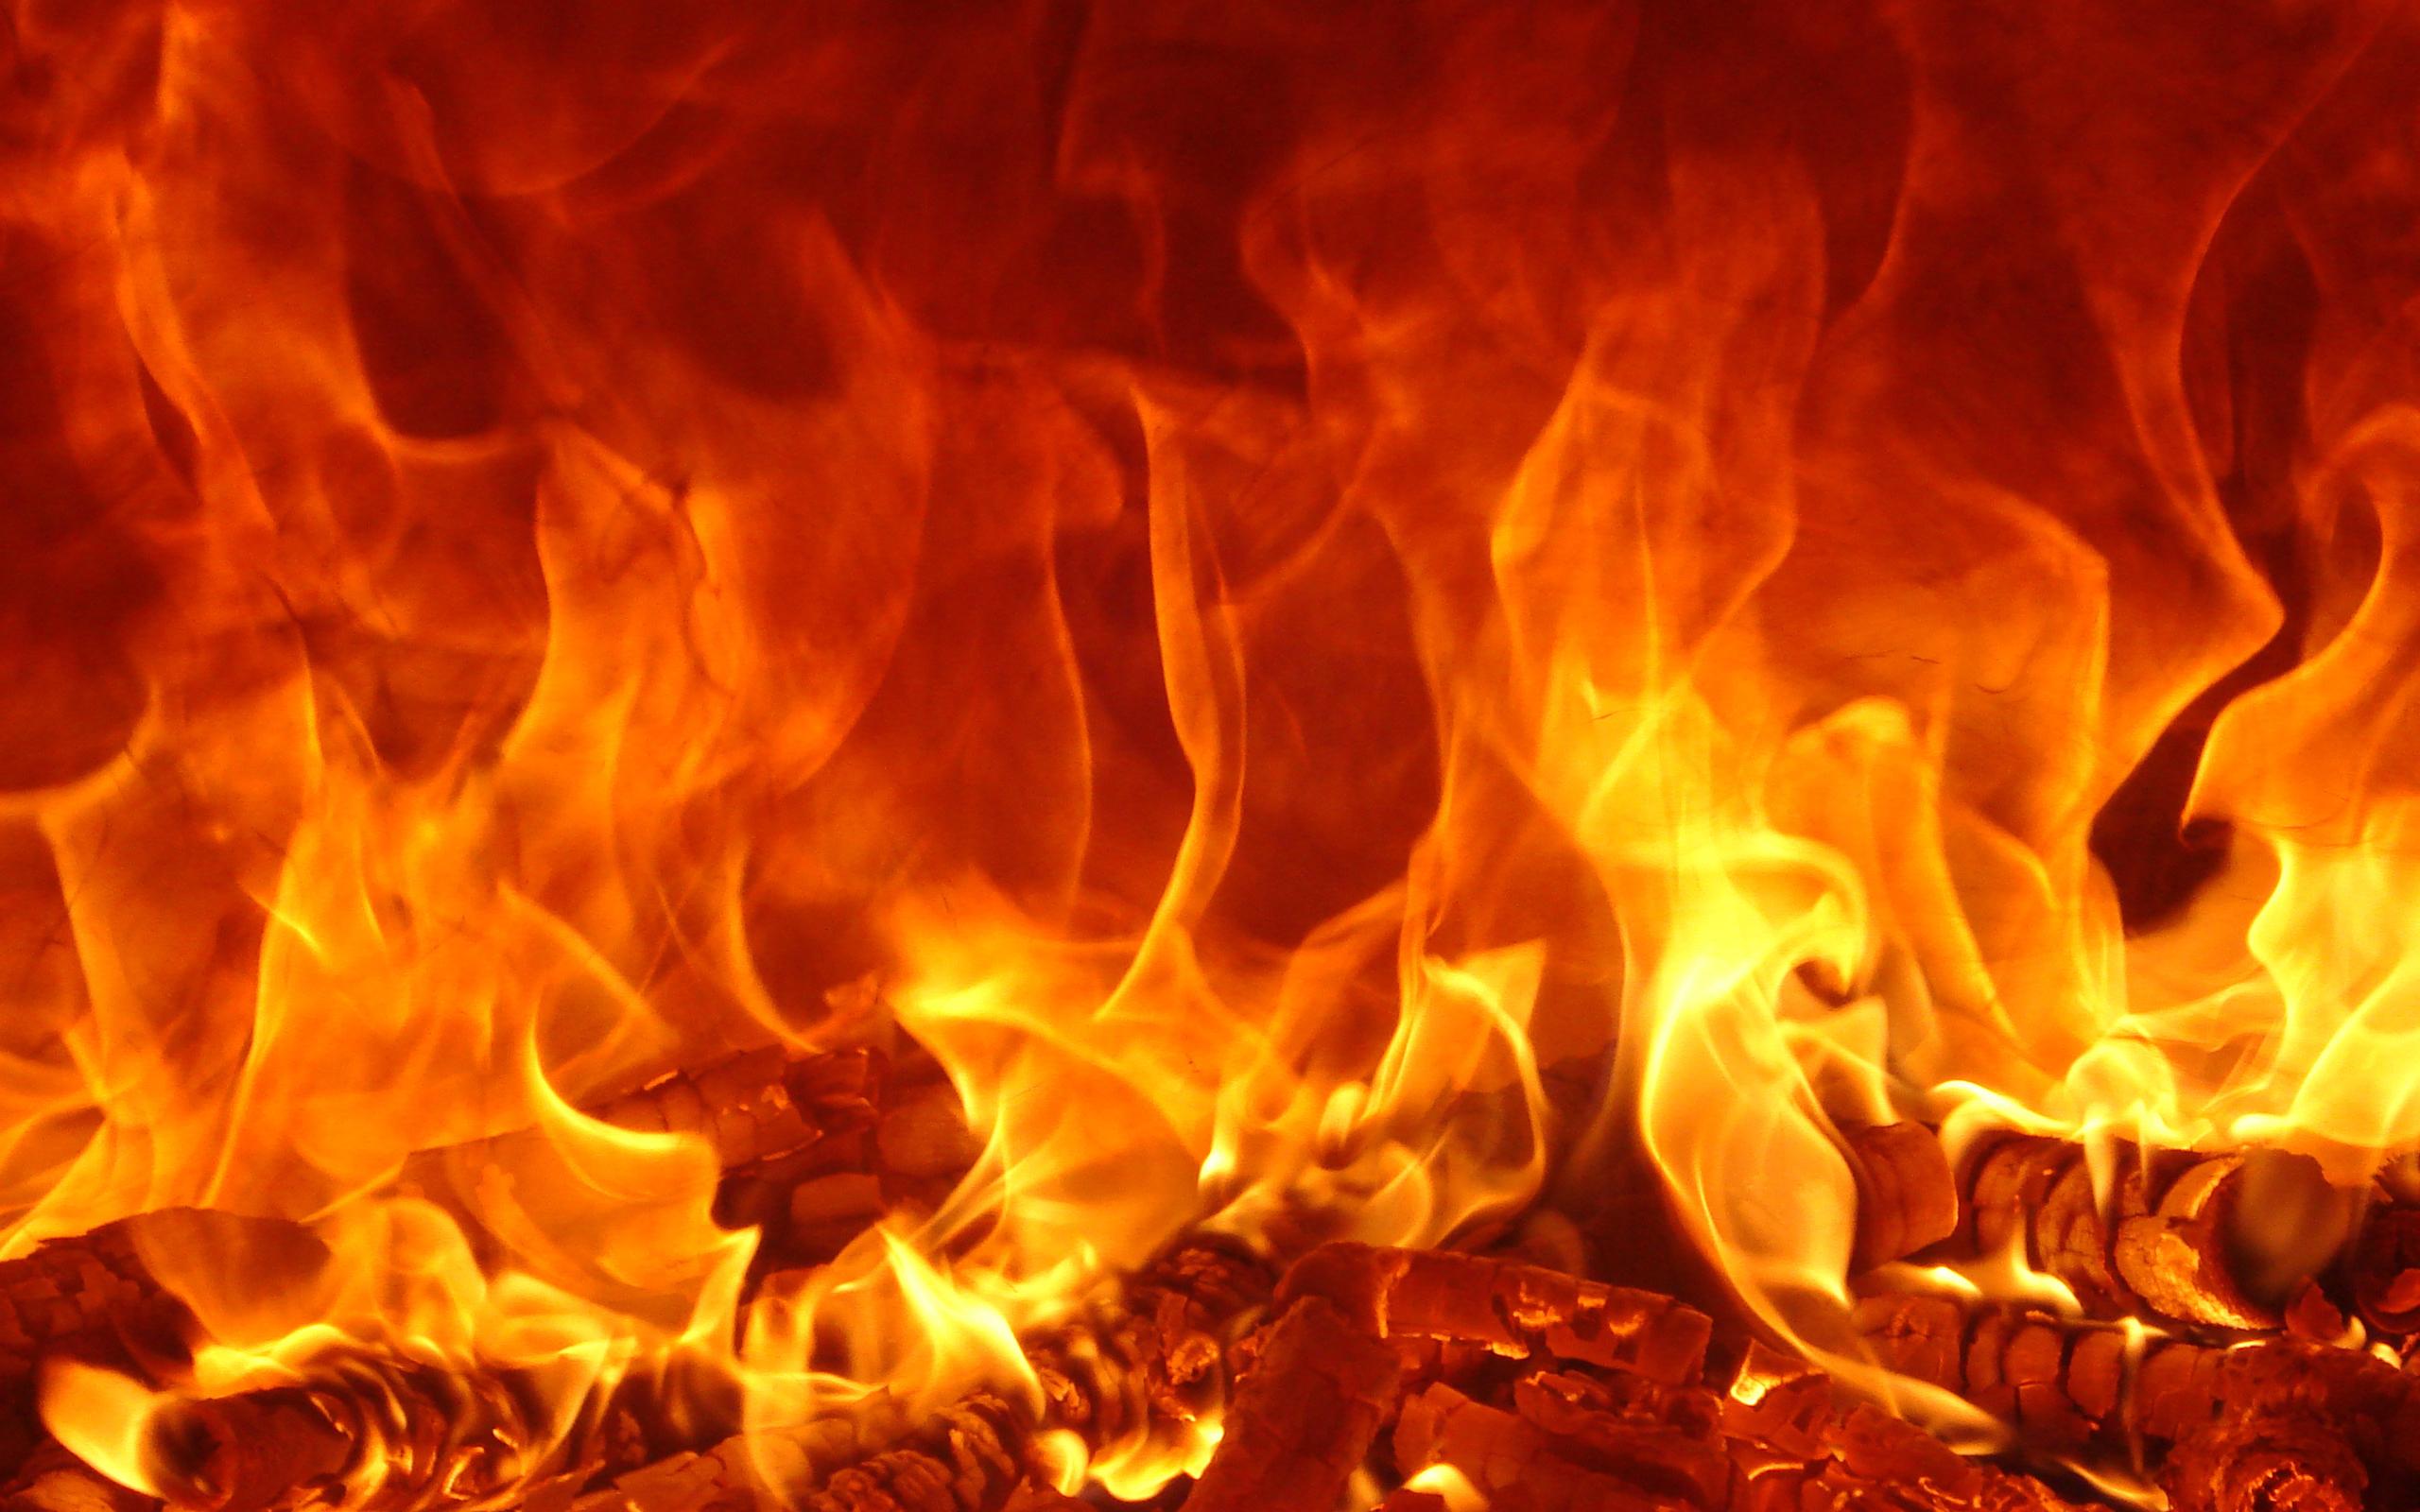 Hình nền ngon lửa đẹp